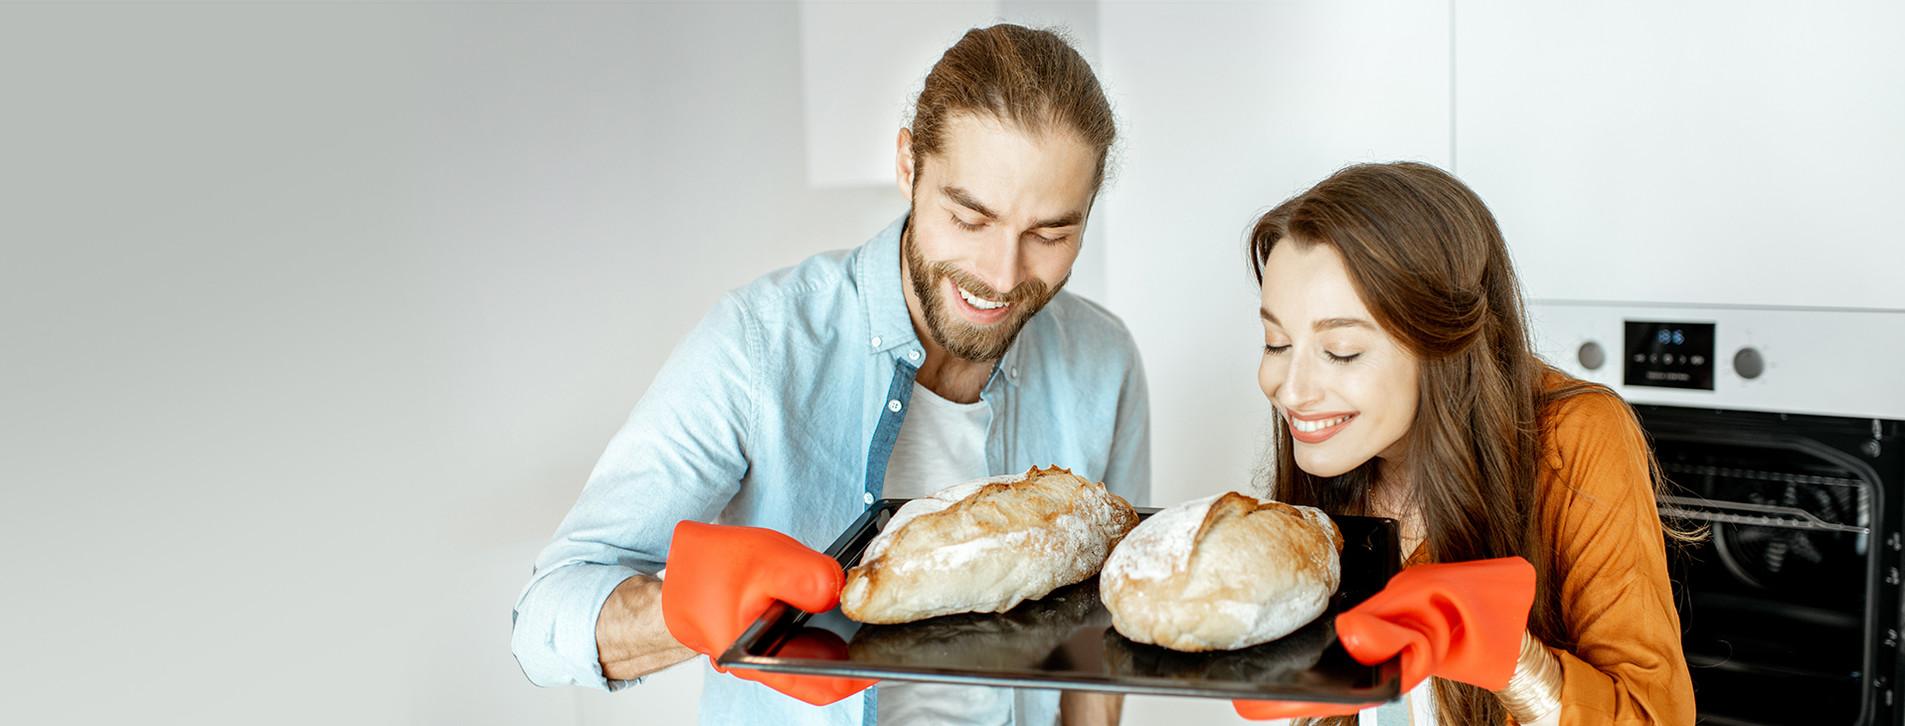 Фото 1 - Мастер-класс выпечки хлеба для двоих